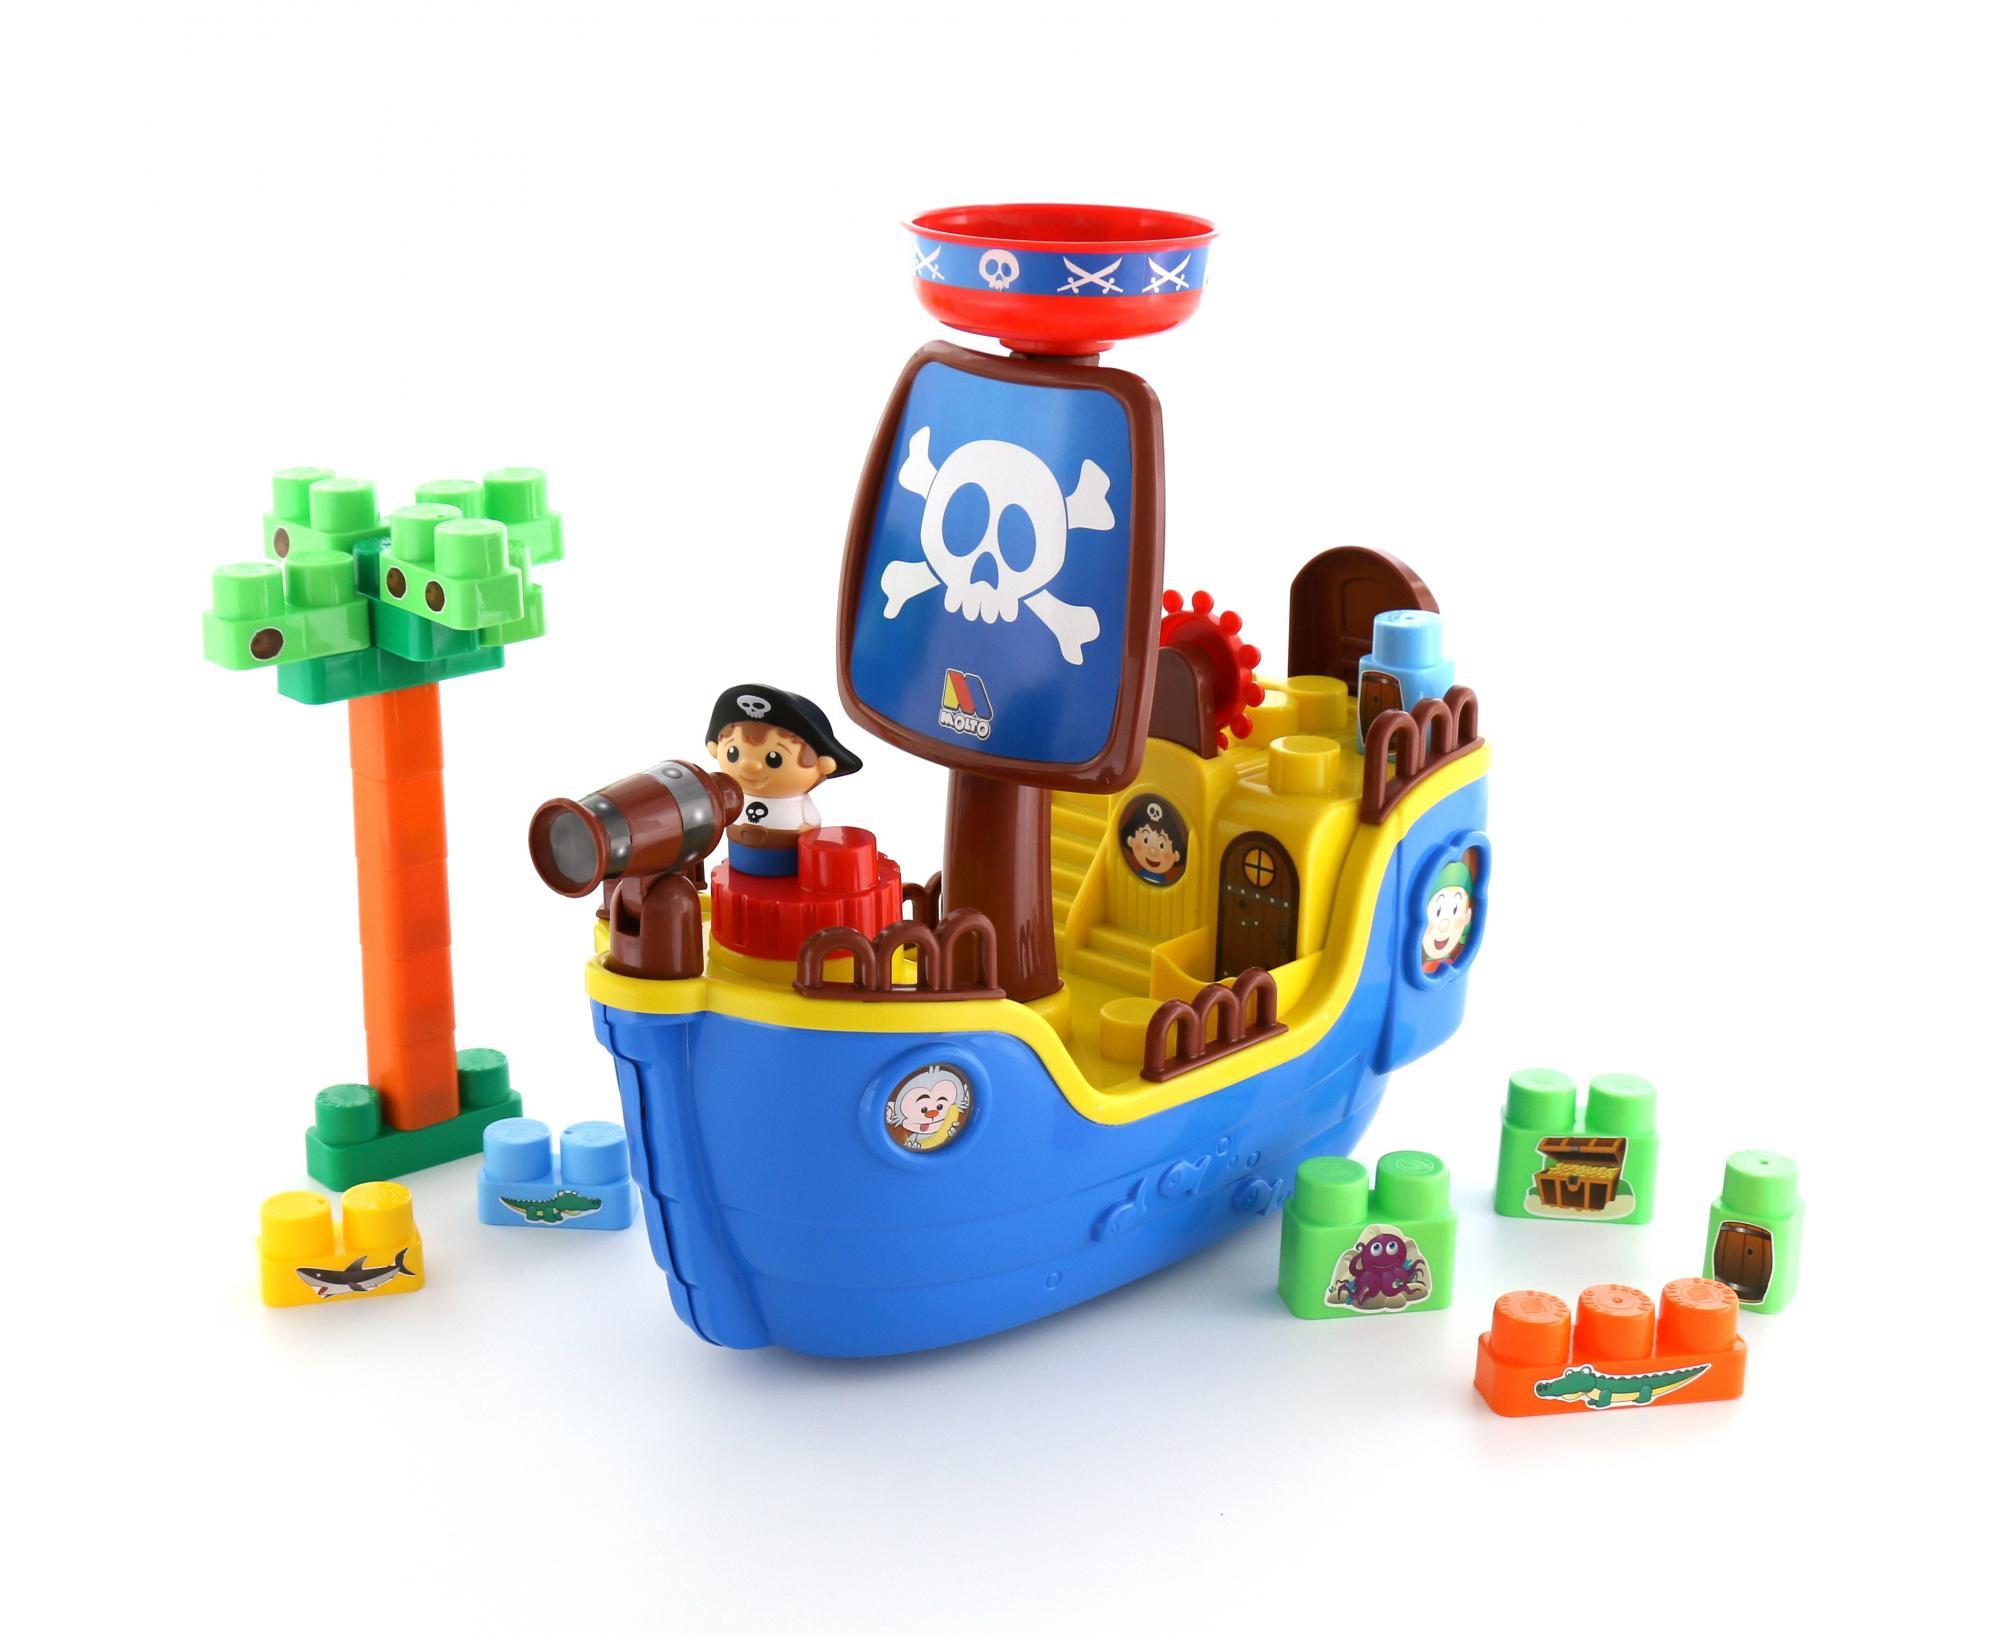 Конструктор Пиратский корабль - Конструкторы Полесье, артикул: 158319